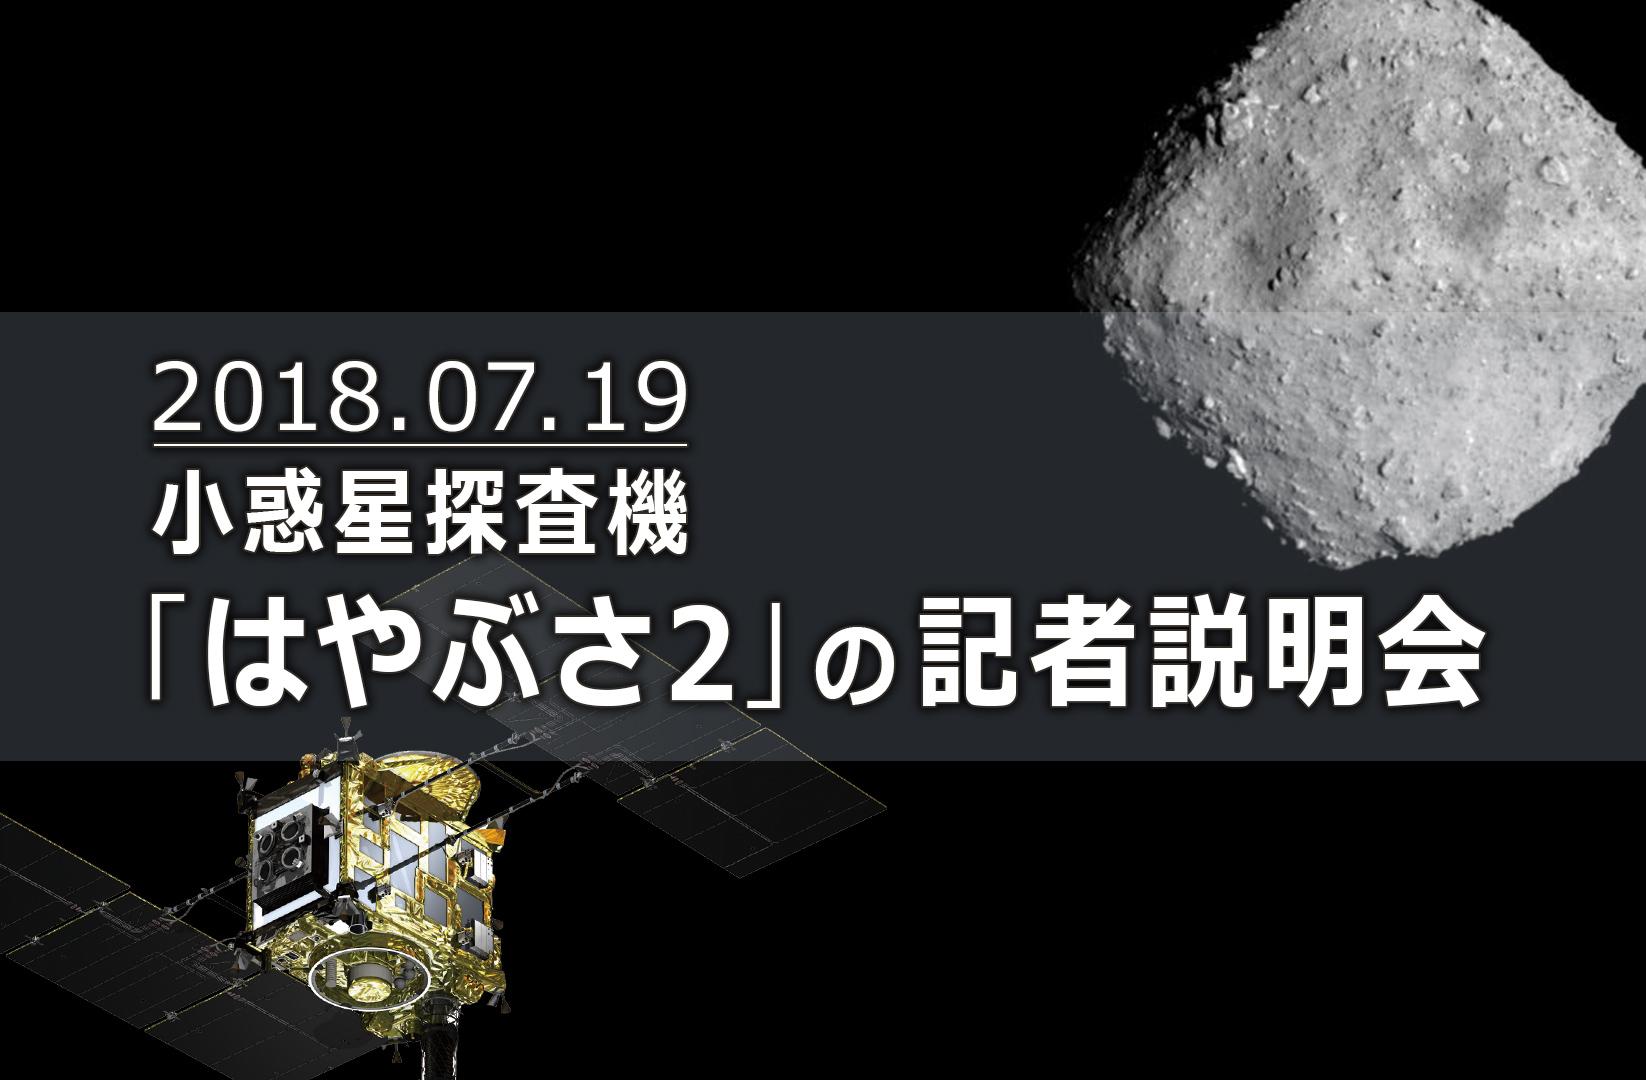 小惑星探査機「はやぶさ2」の記者説明会(18/07/19)